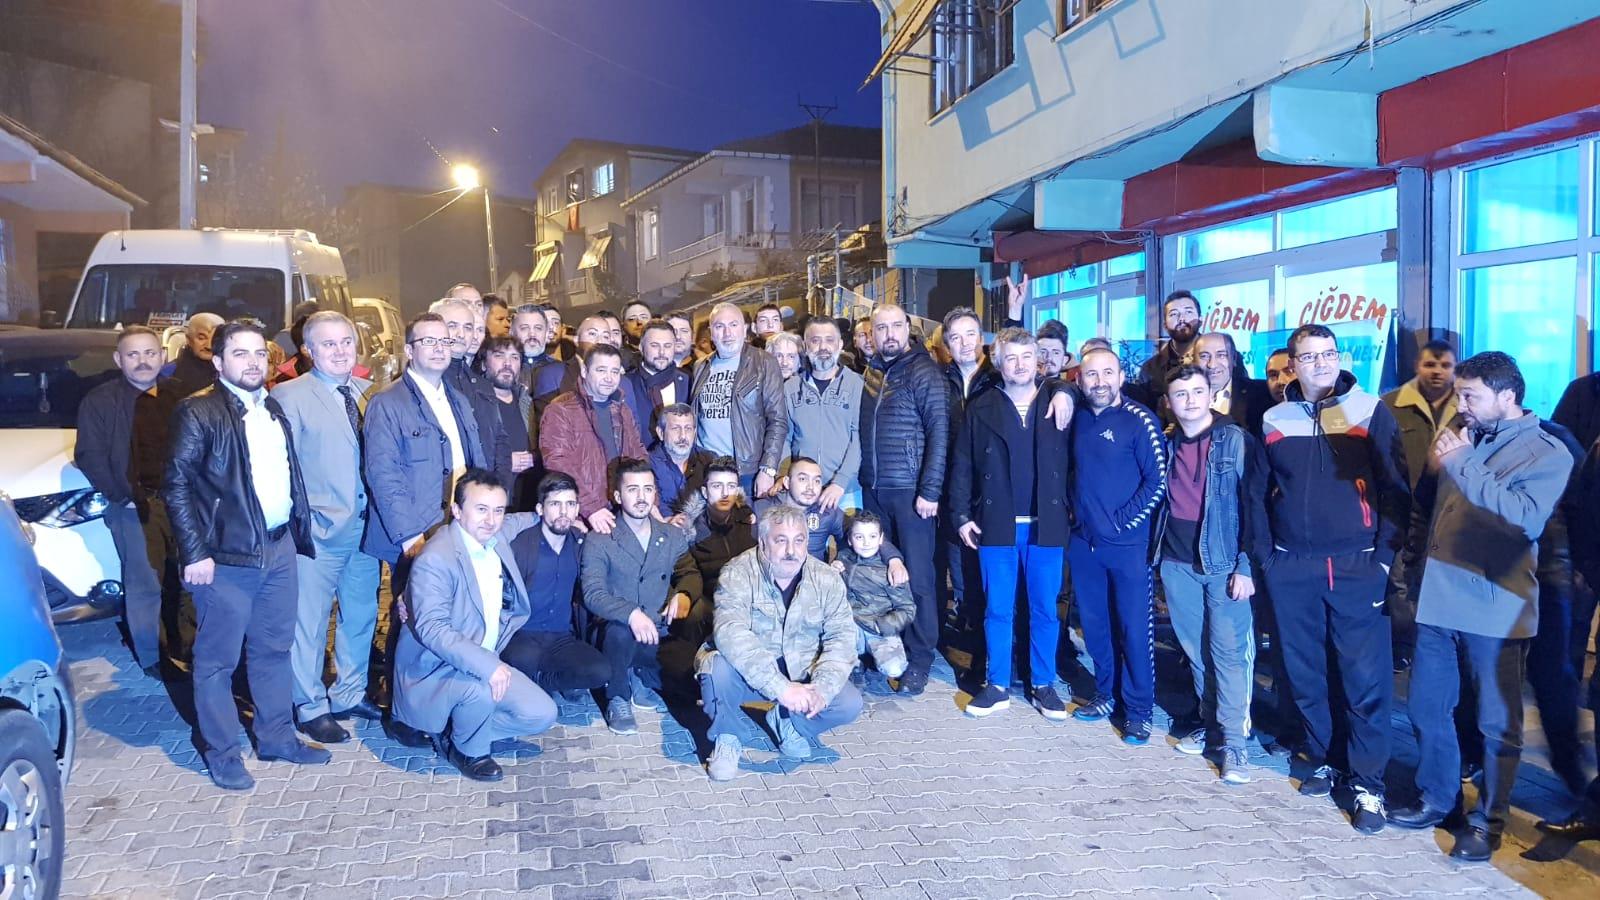 Bilgehan Murat Miniç; 'Beykoz'un İstiklalini, Beykozluların Azmi ve Kararı Kurtaracaktır'